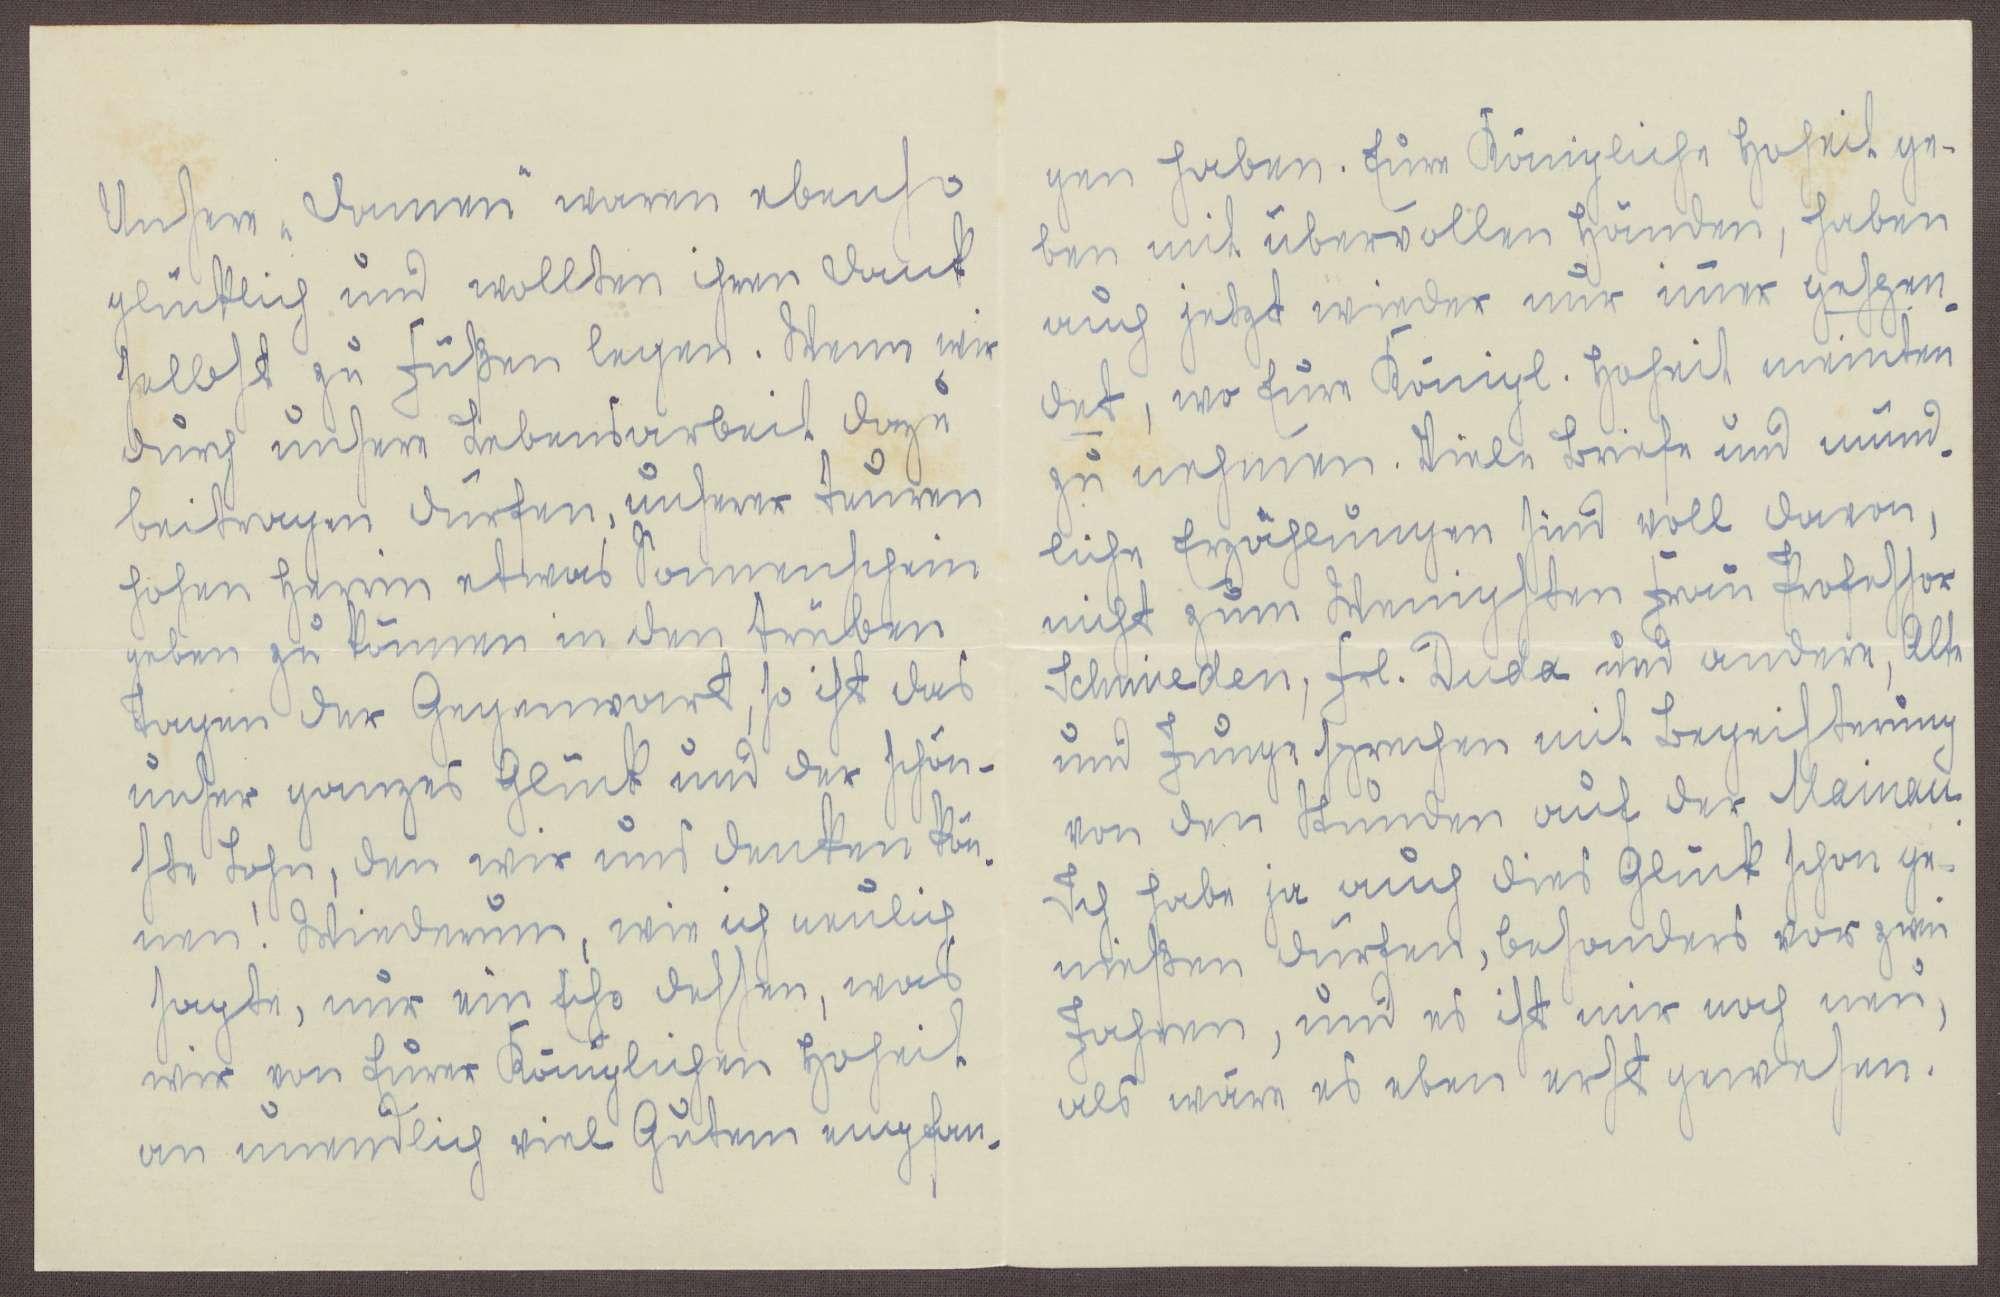 Schreiben von Emilie Göler an die Großherzogin Luise; Aufenthalt der ehemaligen Kinder des Pensionats auf der Insel Mainau und Erinnerungen an die eigene Reise, Bild 2